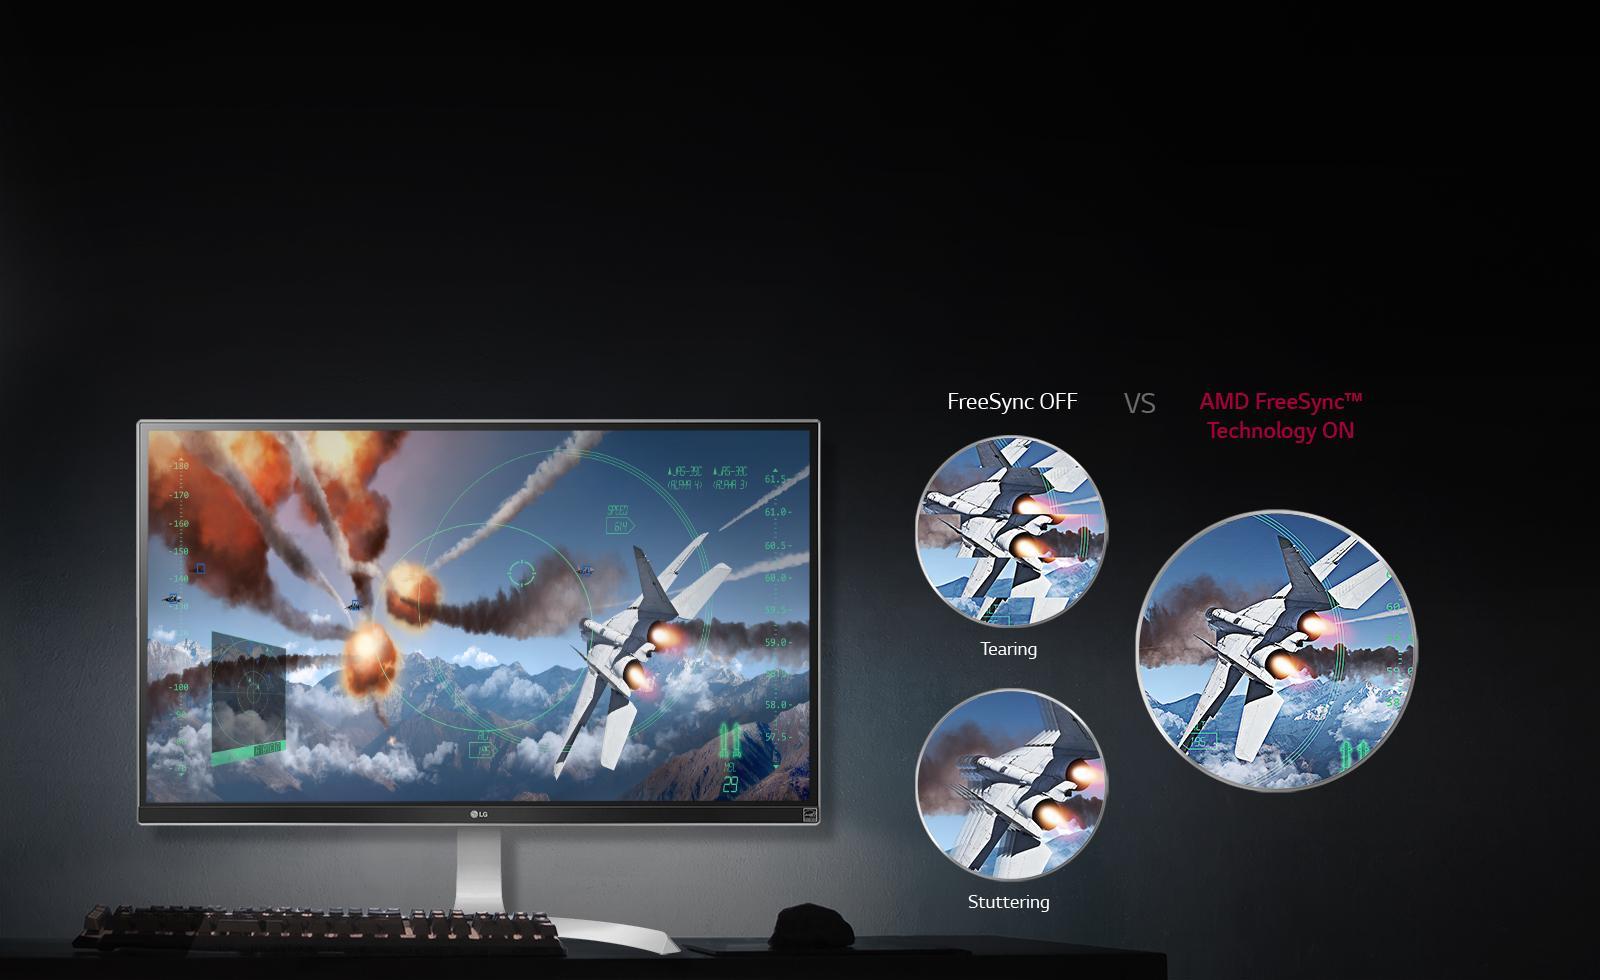 AMD FreeSync™